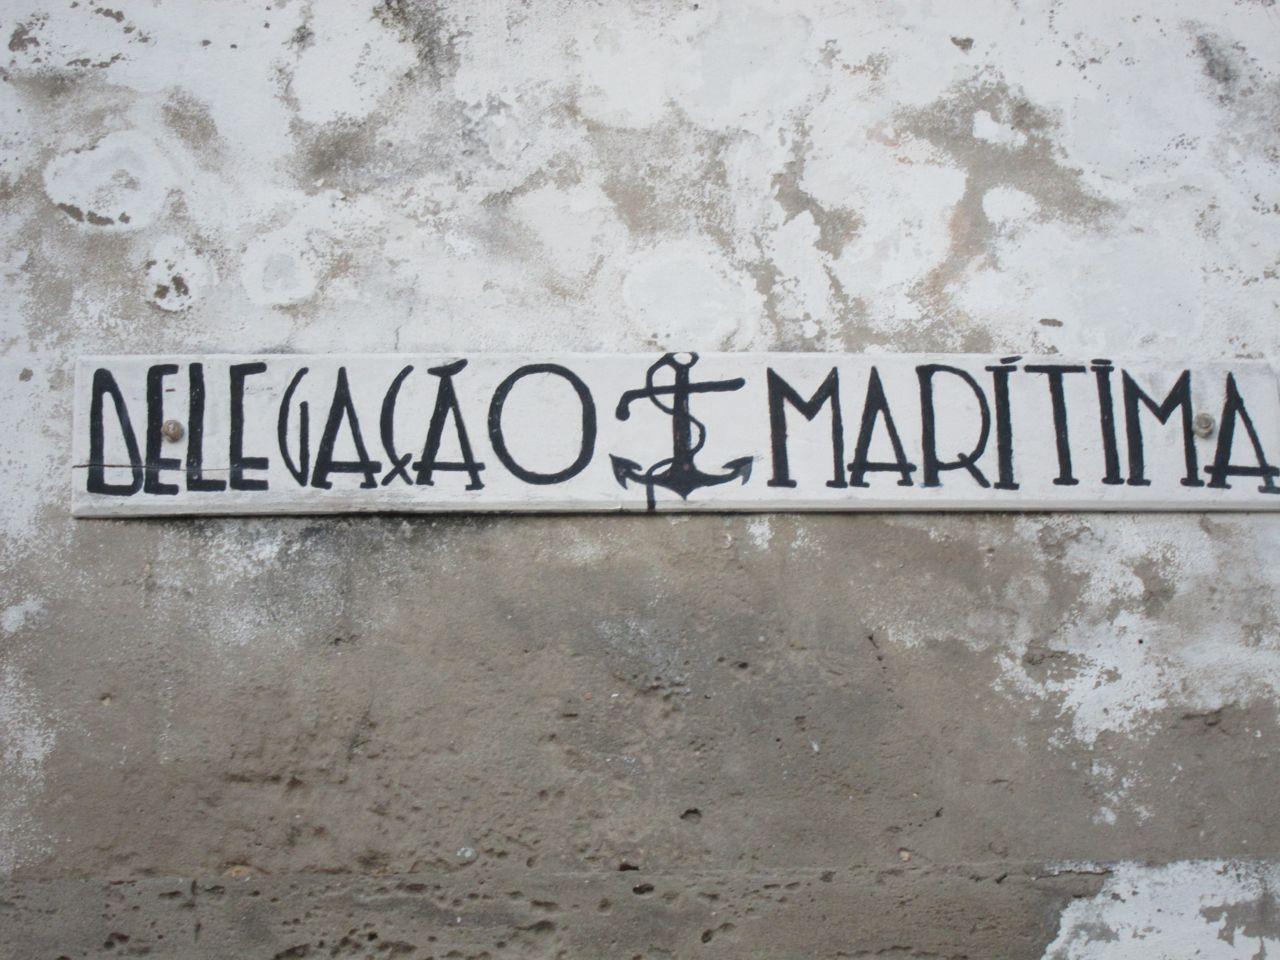 delegacao maritima (Ibo, Mpzambique. 2012)